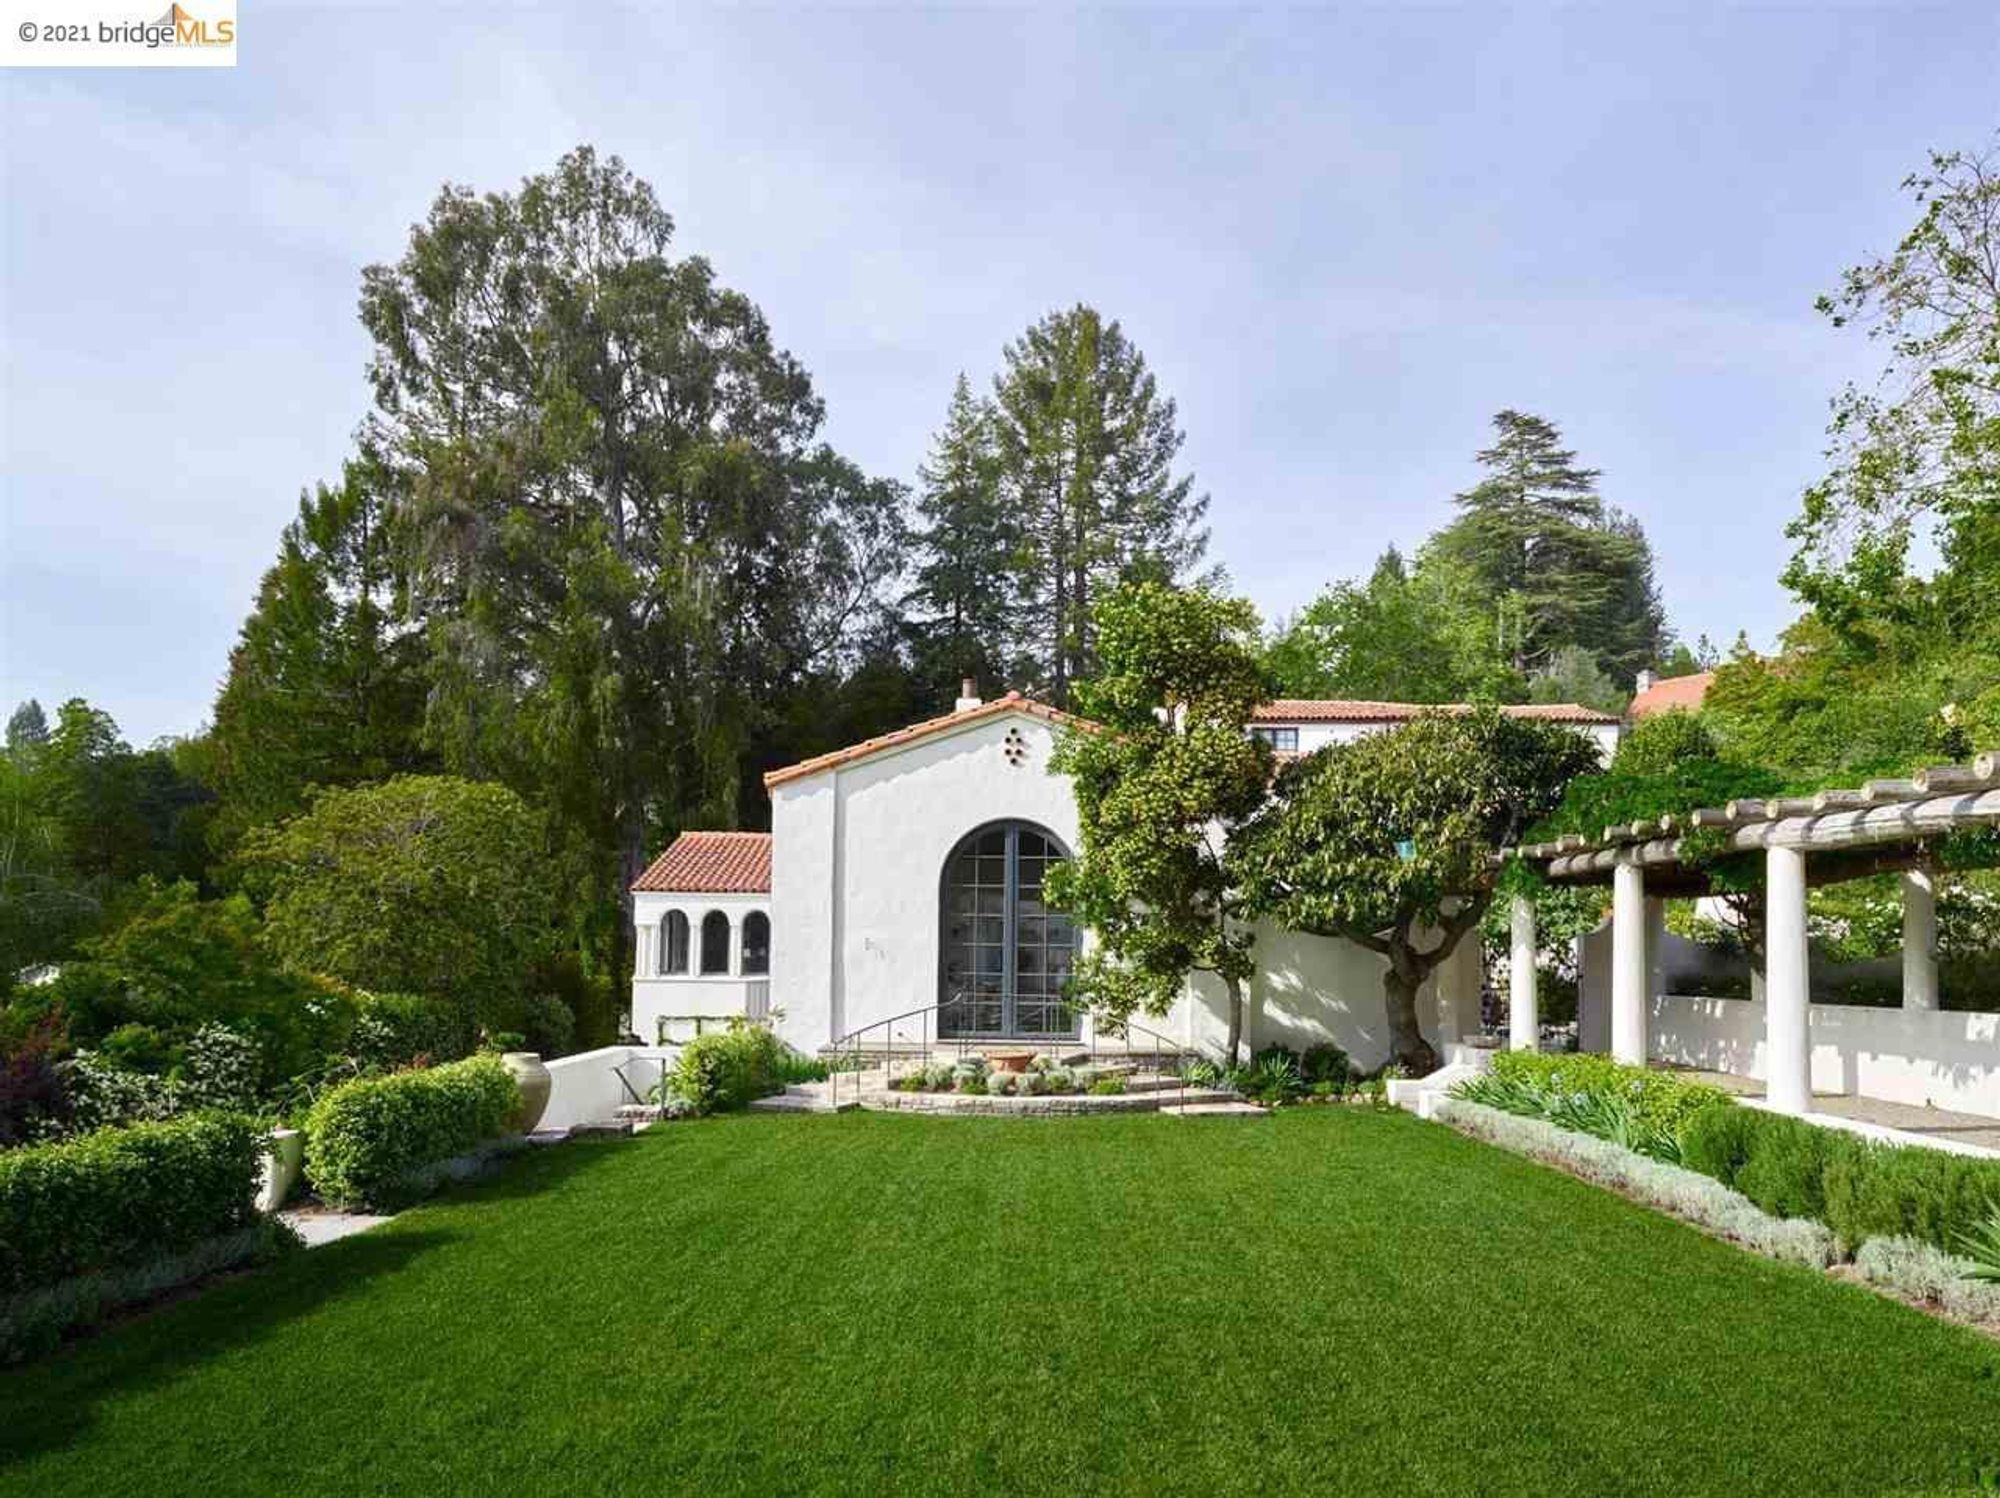 Video Home Tour: A landmark 1920s garden mansion in Berkeley asks $12 million